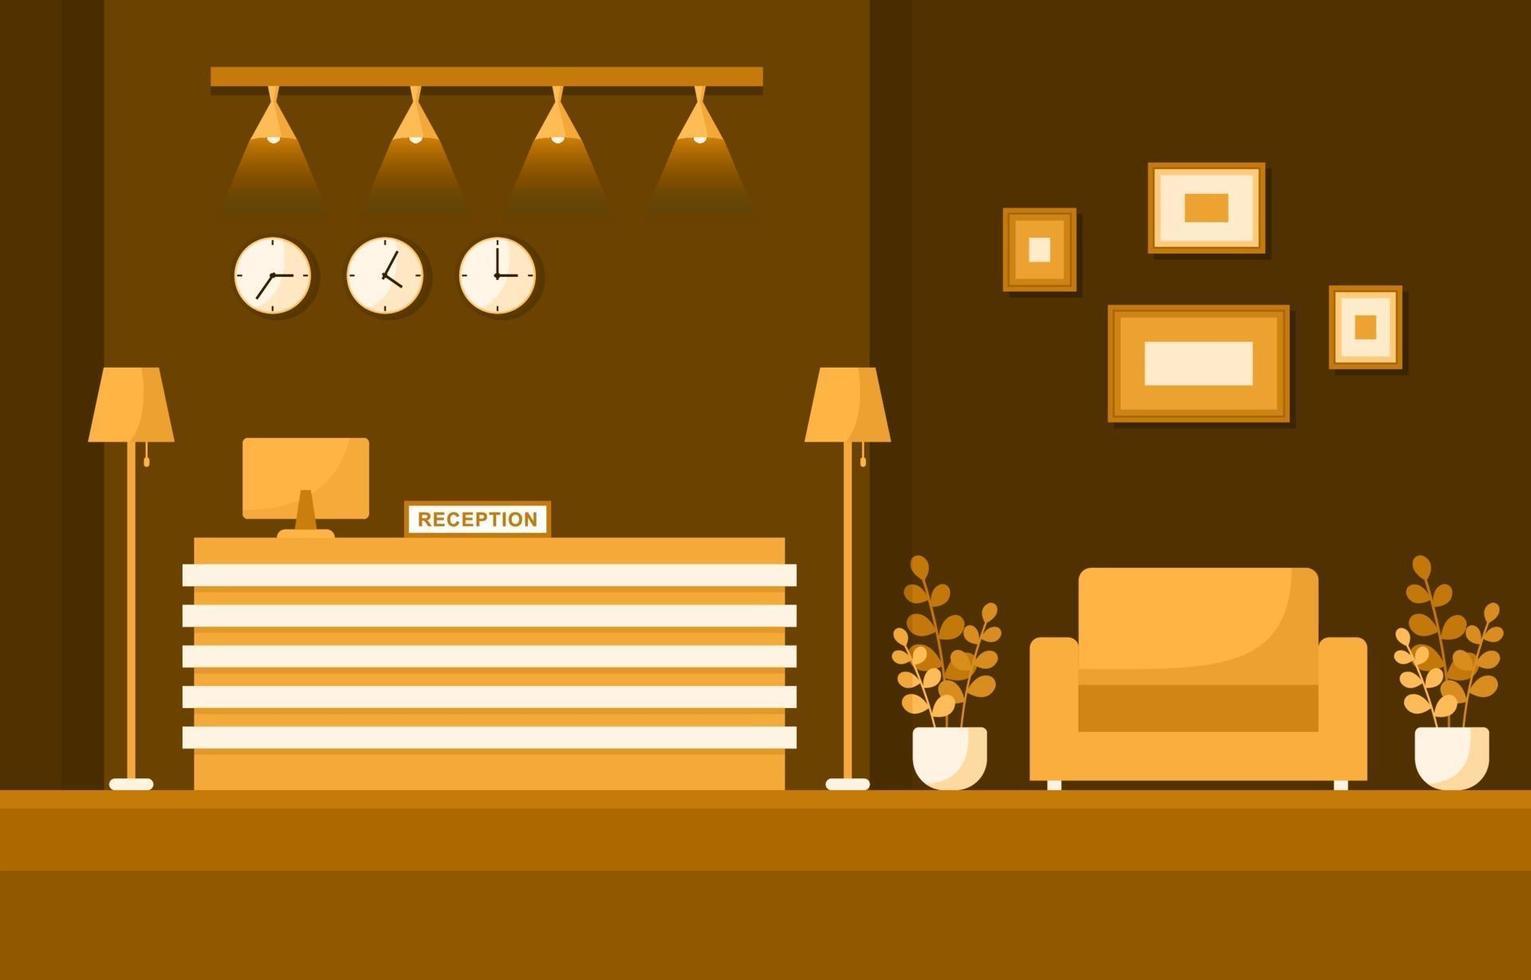 hall de l'hôtel avec réception et illustration de meubles vecteur